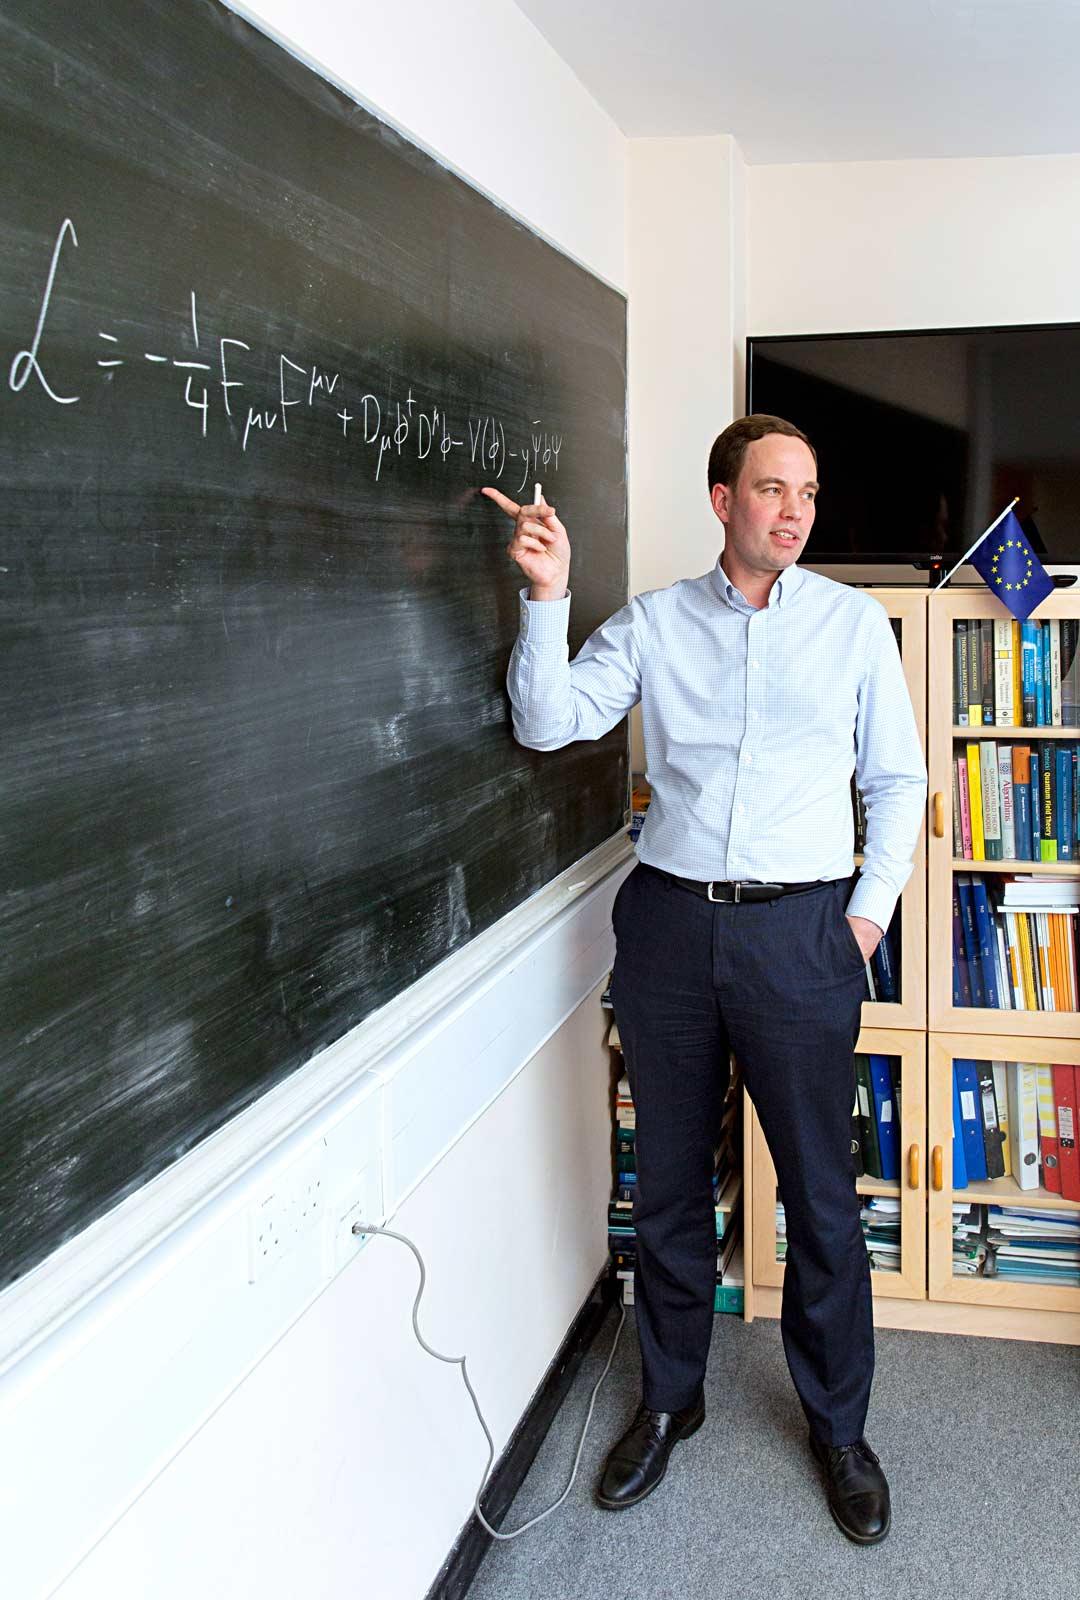 Teoreettisen fysiikan professori Arttu Rajantie kirjoittaa tauluun yksinkertaistetun hiukkasfysiikan standardimallin. Hän vaihtoi ensitöikseen työhuoneensa valkotaulun perinteiseen liitutauluun.